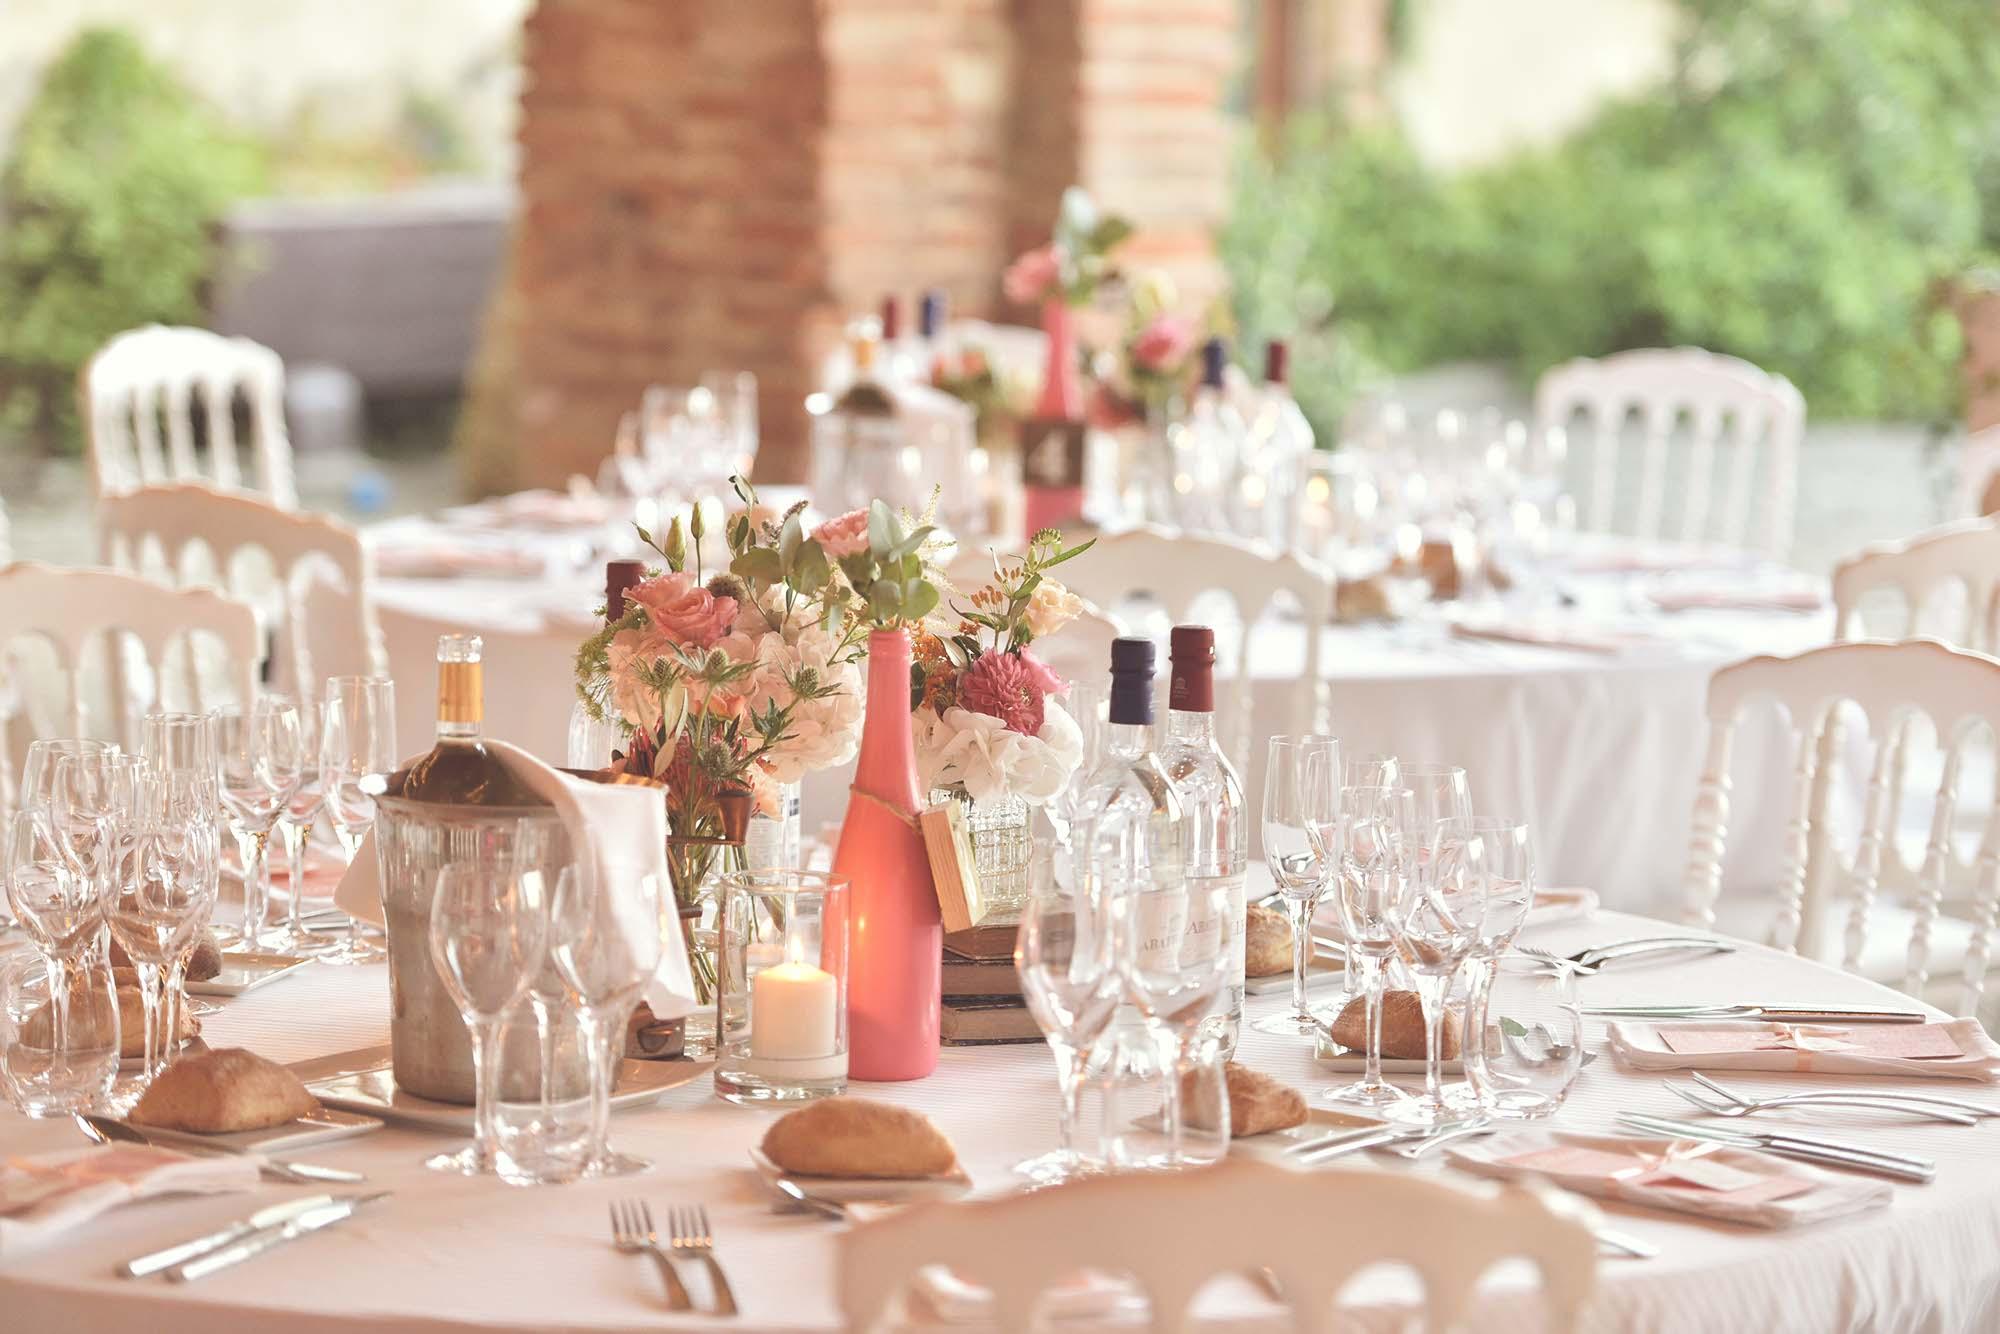 Mariage à Poussignan Gers - décoration -papeterie de mariage Apres de toulouse